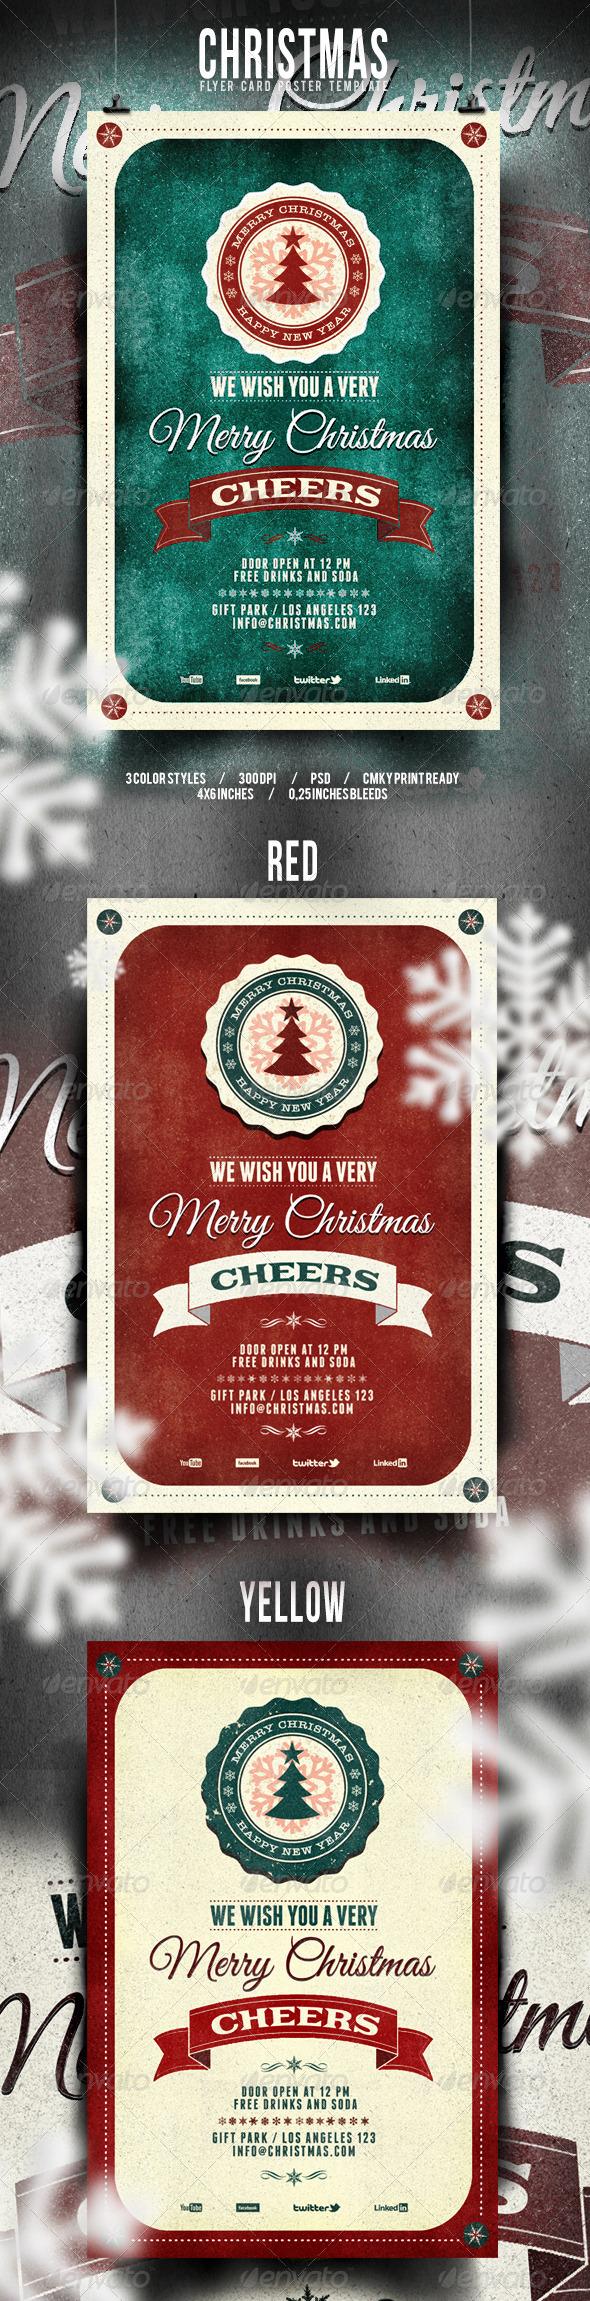 GraphicRiver Christmas Flyer Poster Retro Vol 3 6000416